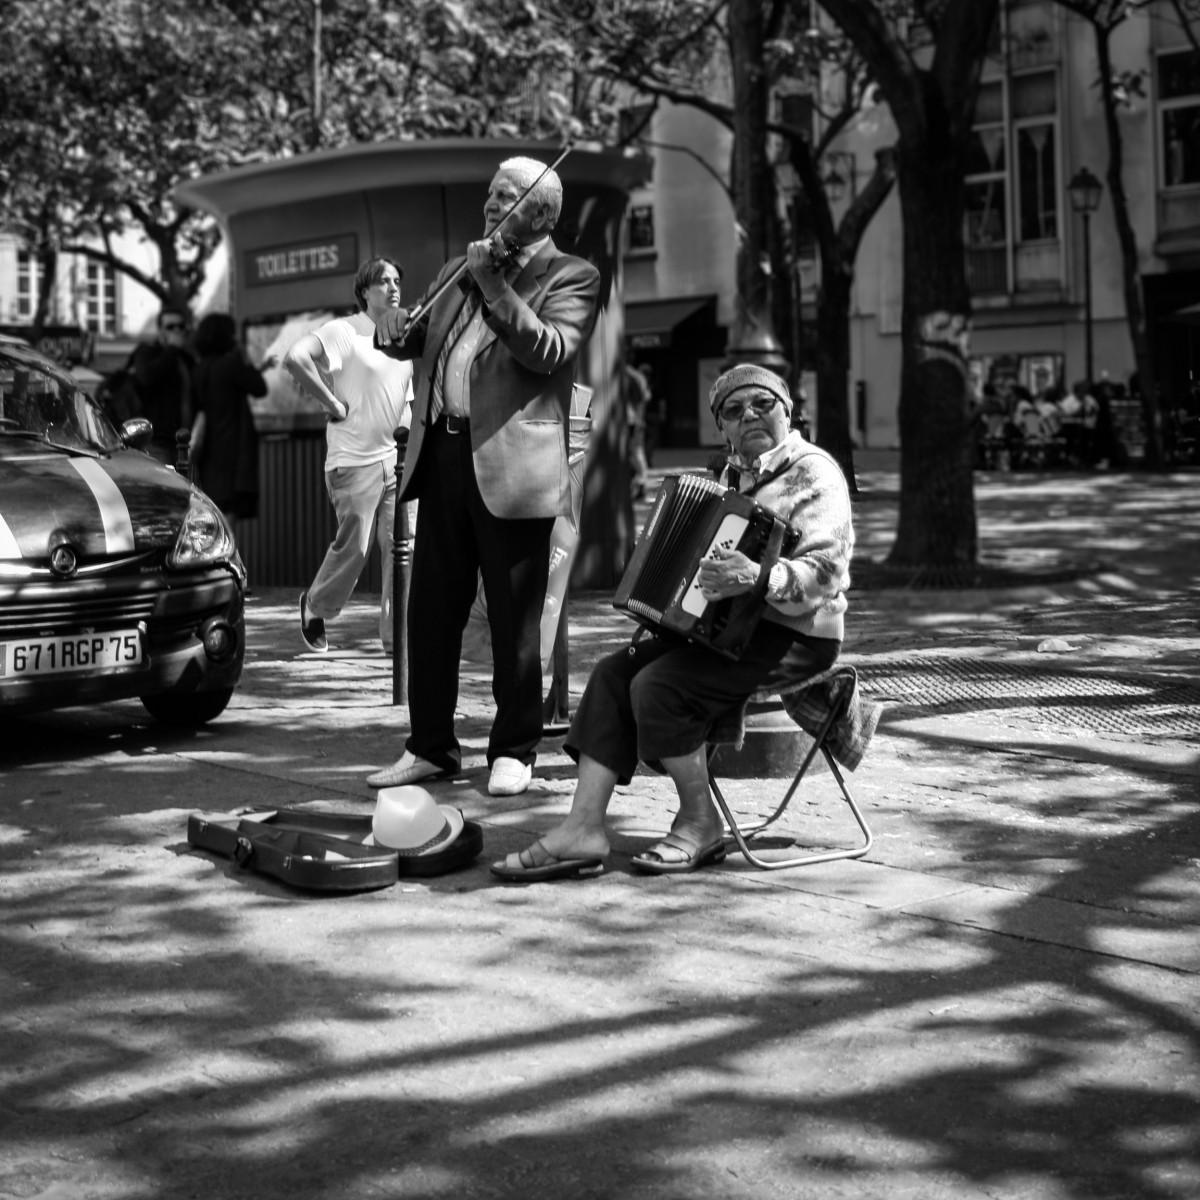 Jugando en la calle con el dildo en el ano 3 - 2 8